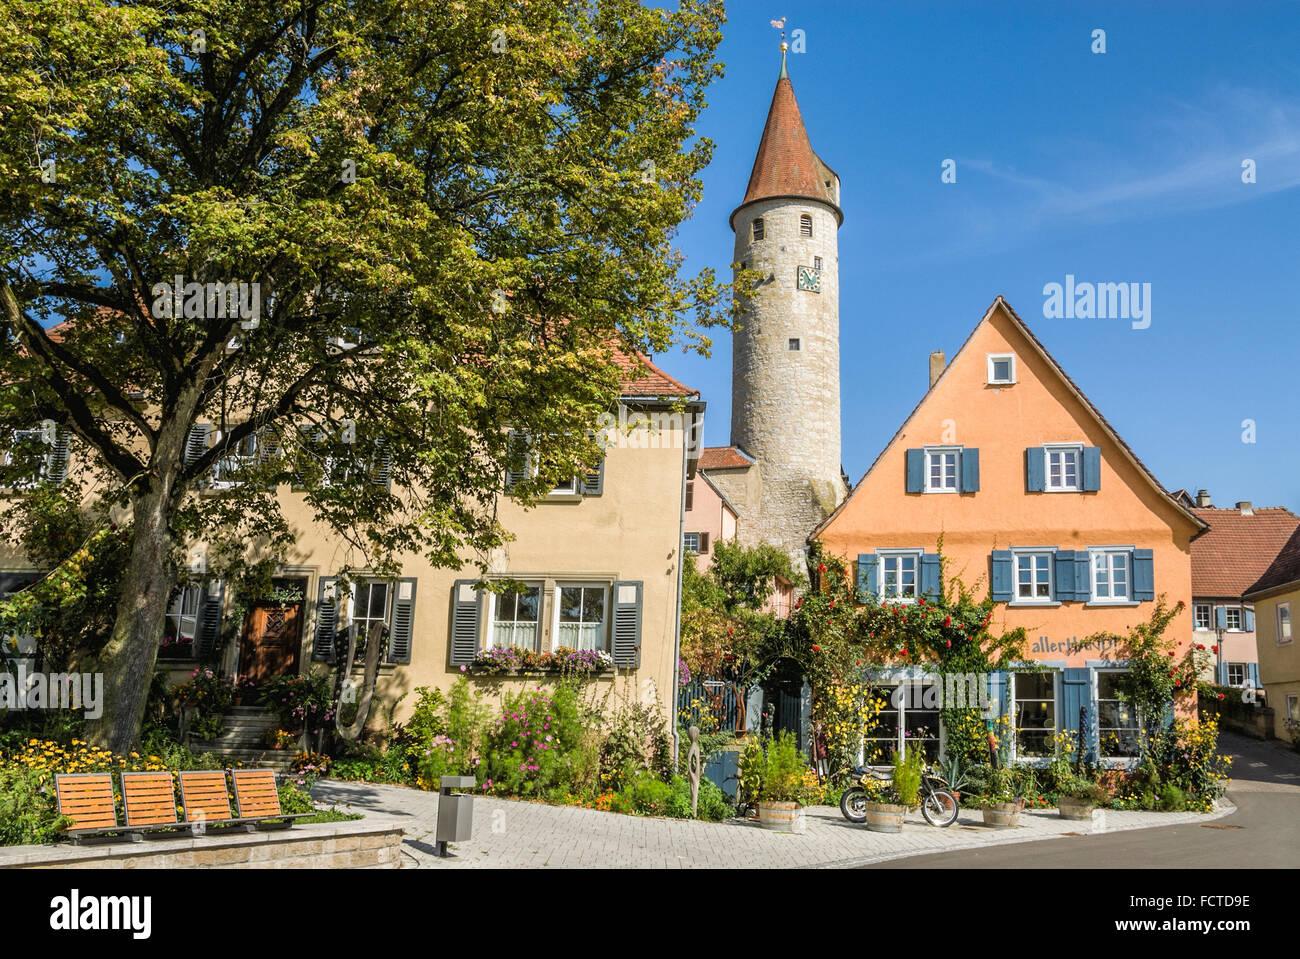 Historic town center of Kirchberg a d Jagst, Baden Wuerttemberg | Historis Altstadt von Kirchberg a d Jagst, Deutschland - Stock Image